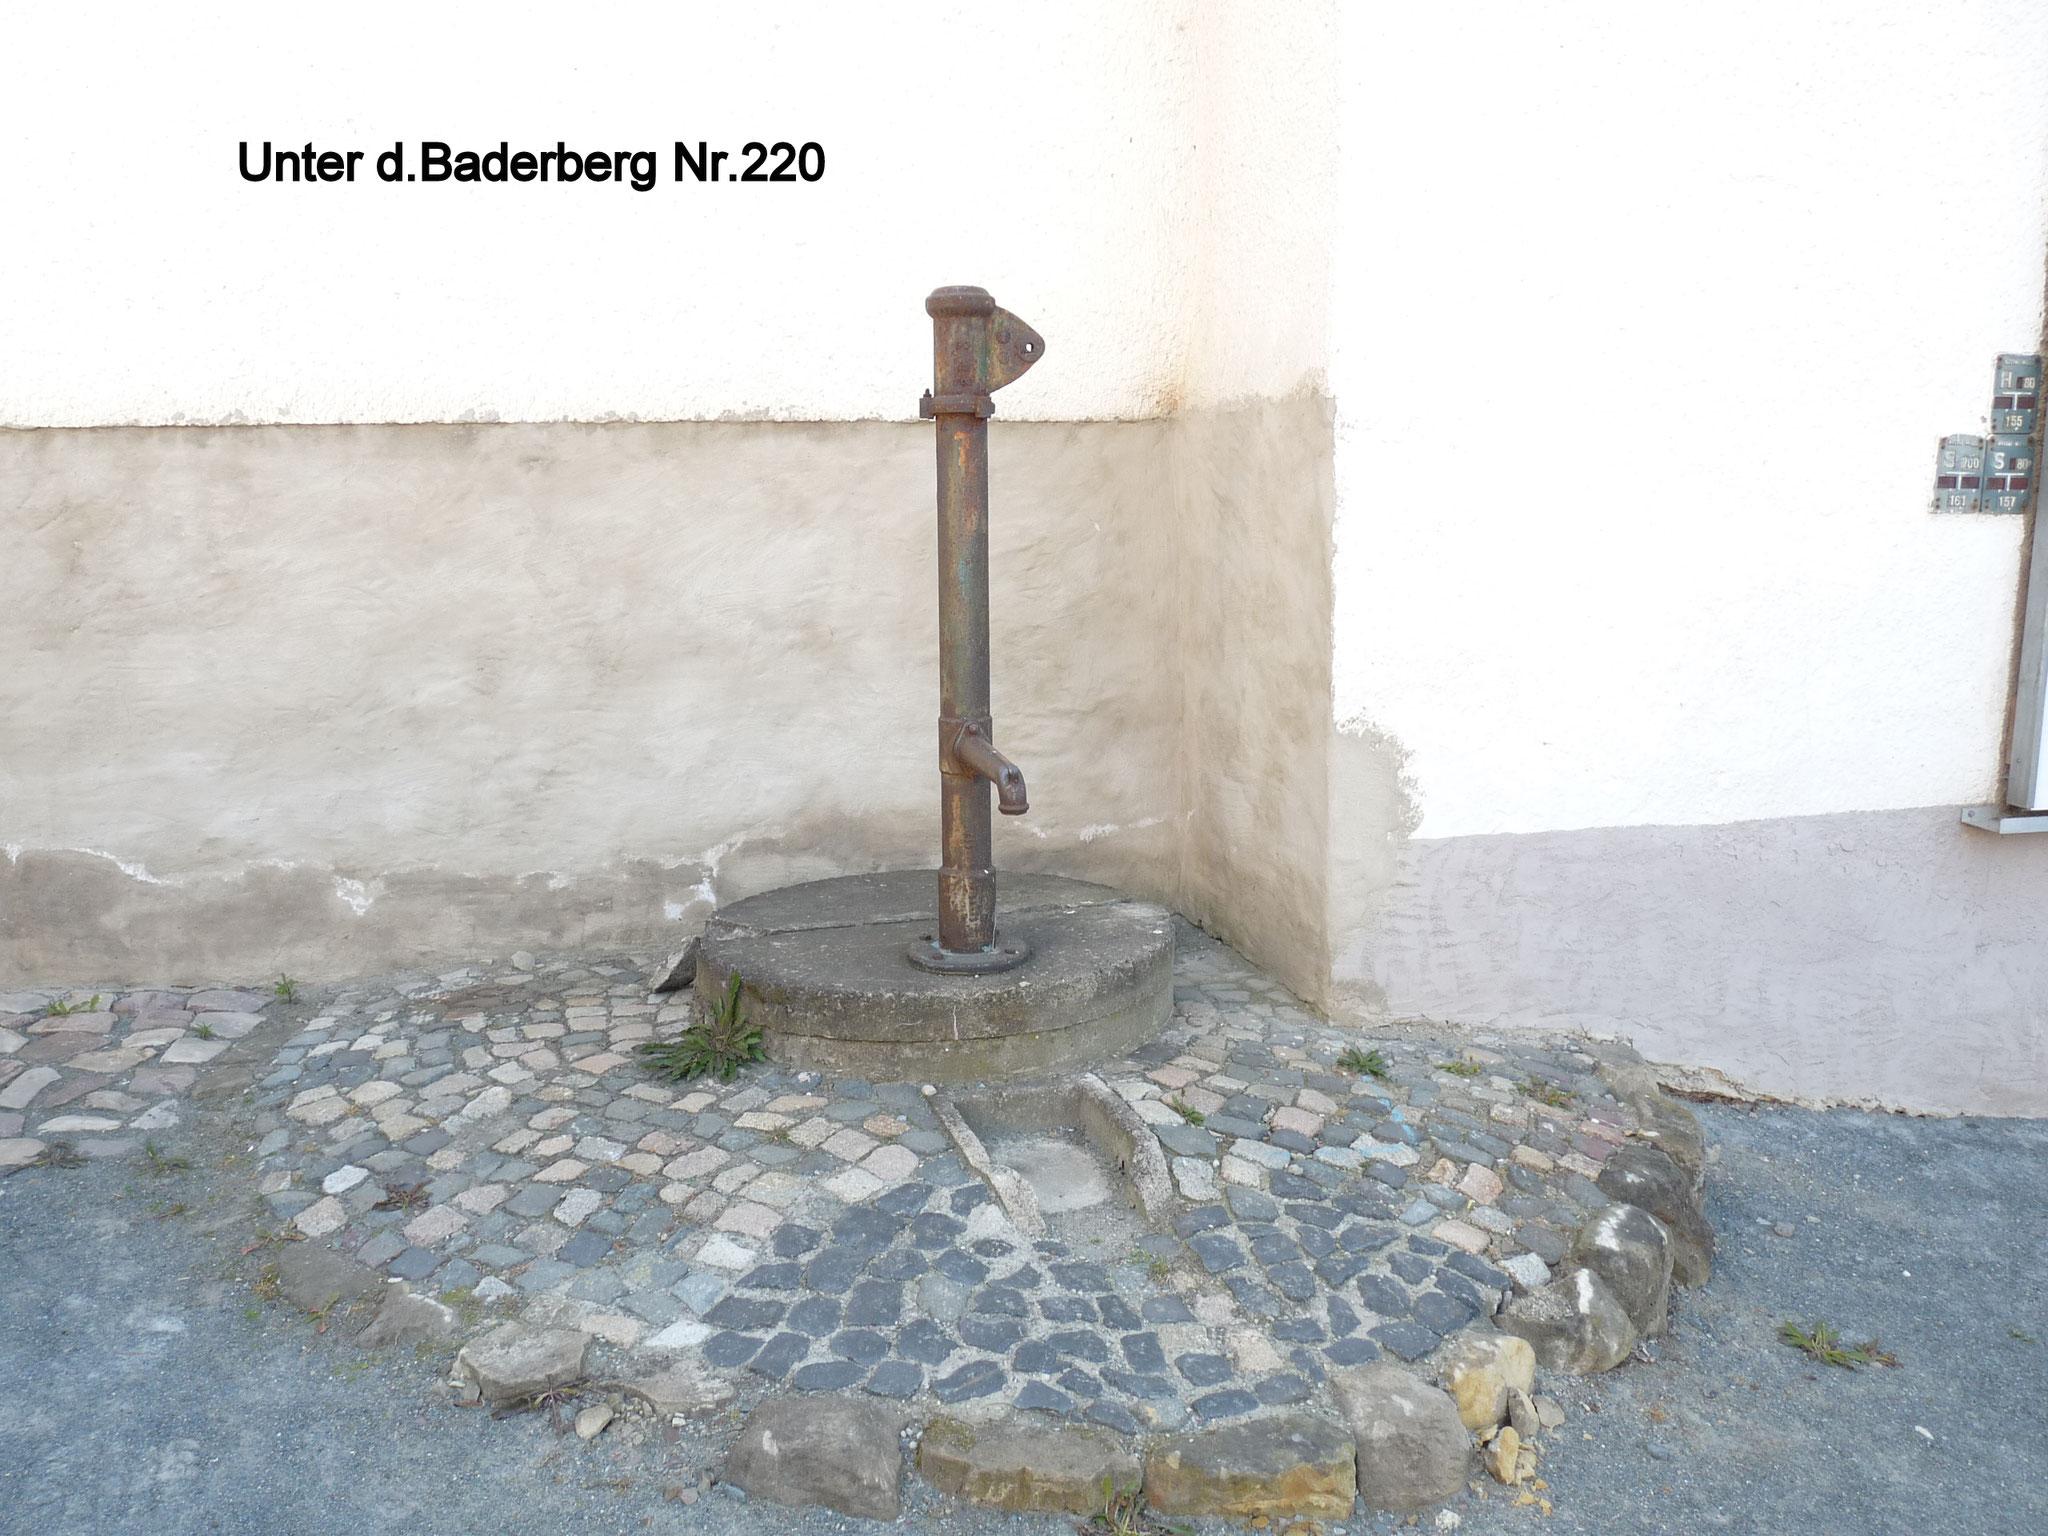 Brunnen unter dem Baderberg 220